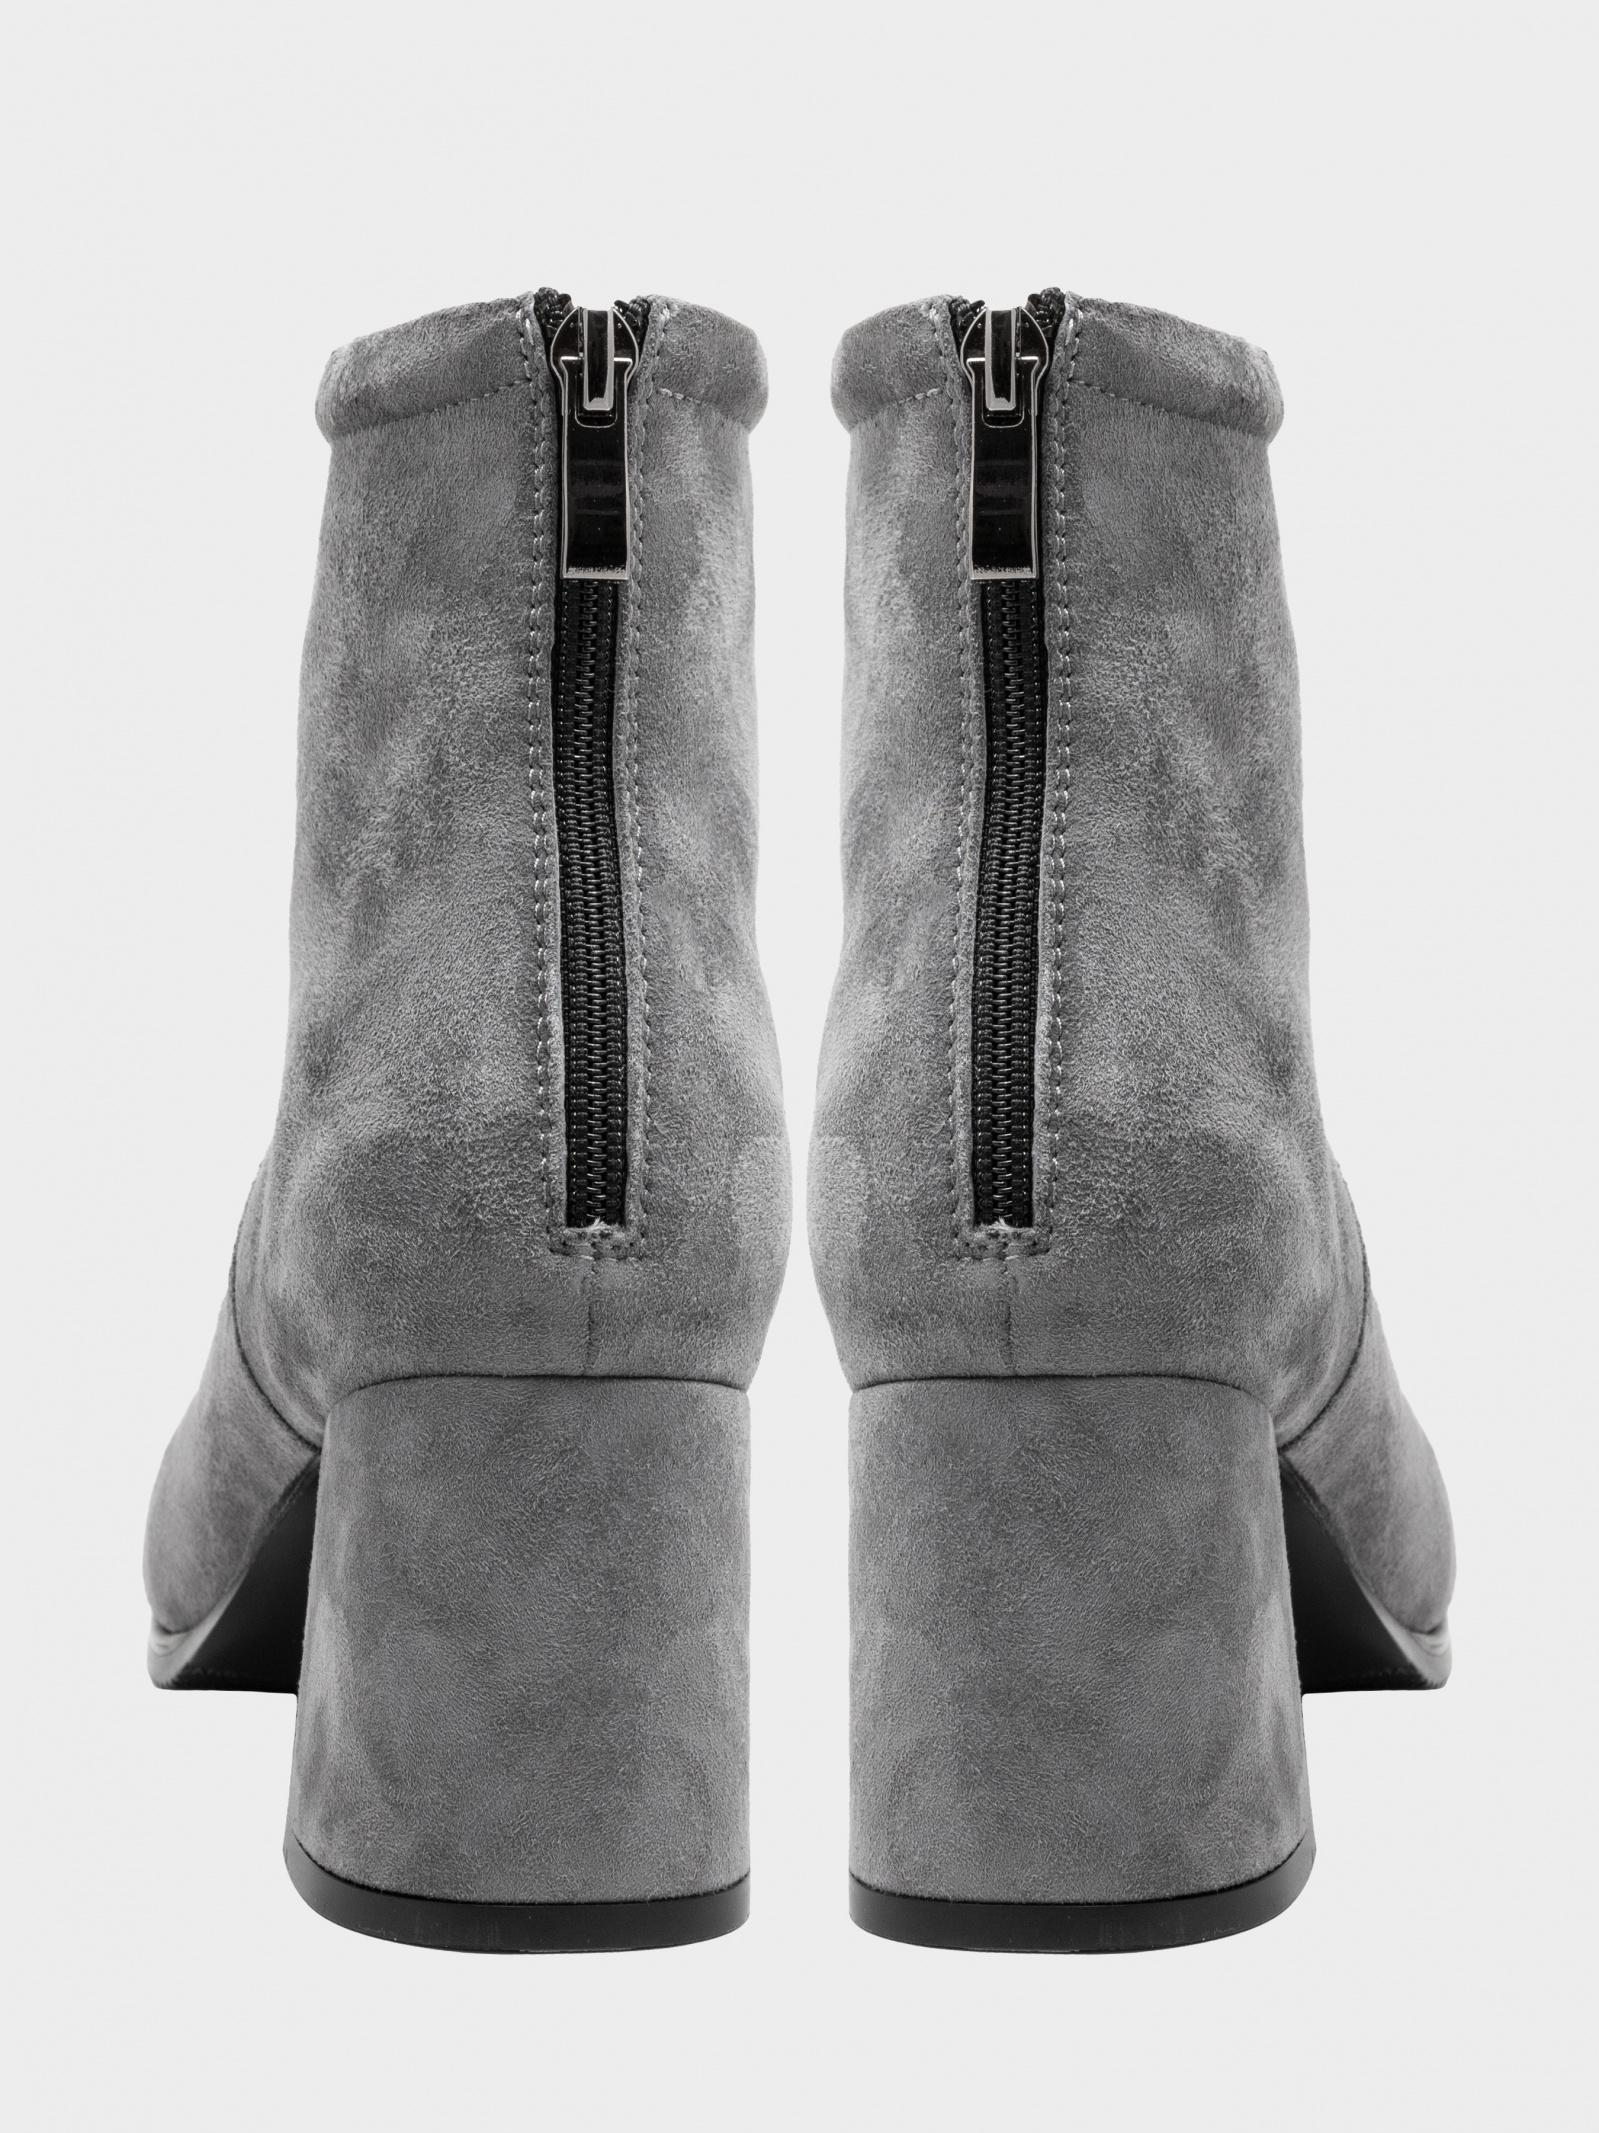 Ботинки для женщин Ботинки женские ENZO VERRATTI 18-1270-11gr выбрать, 2017